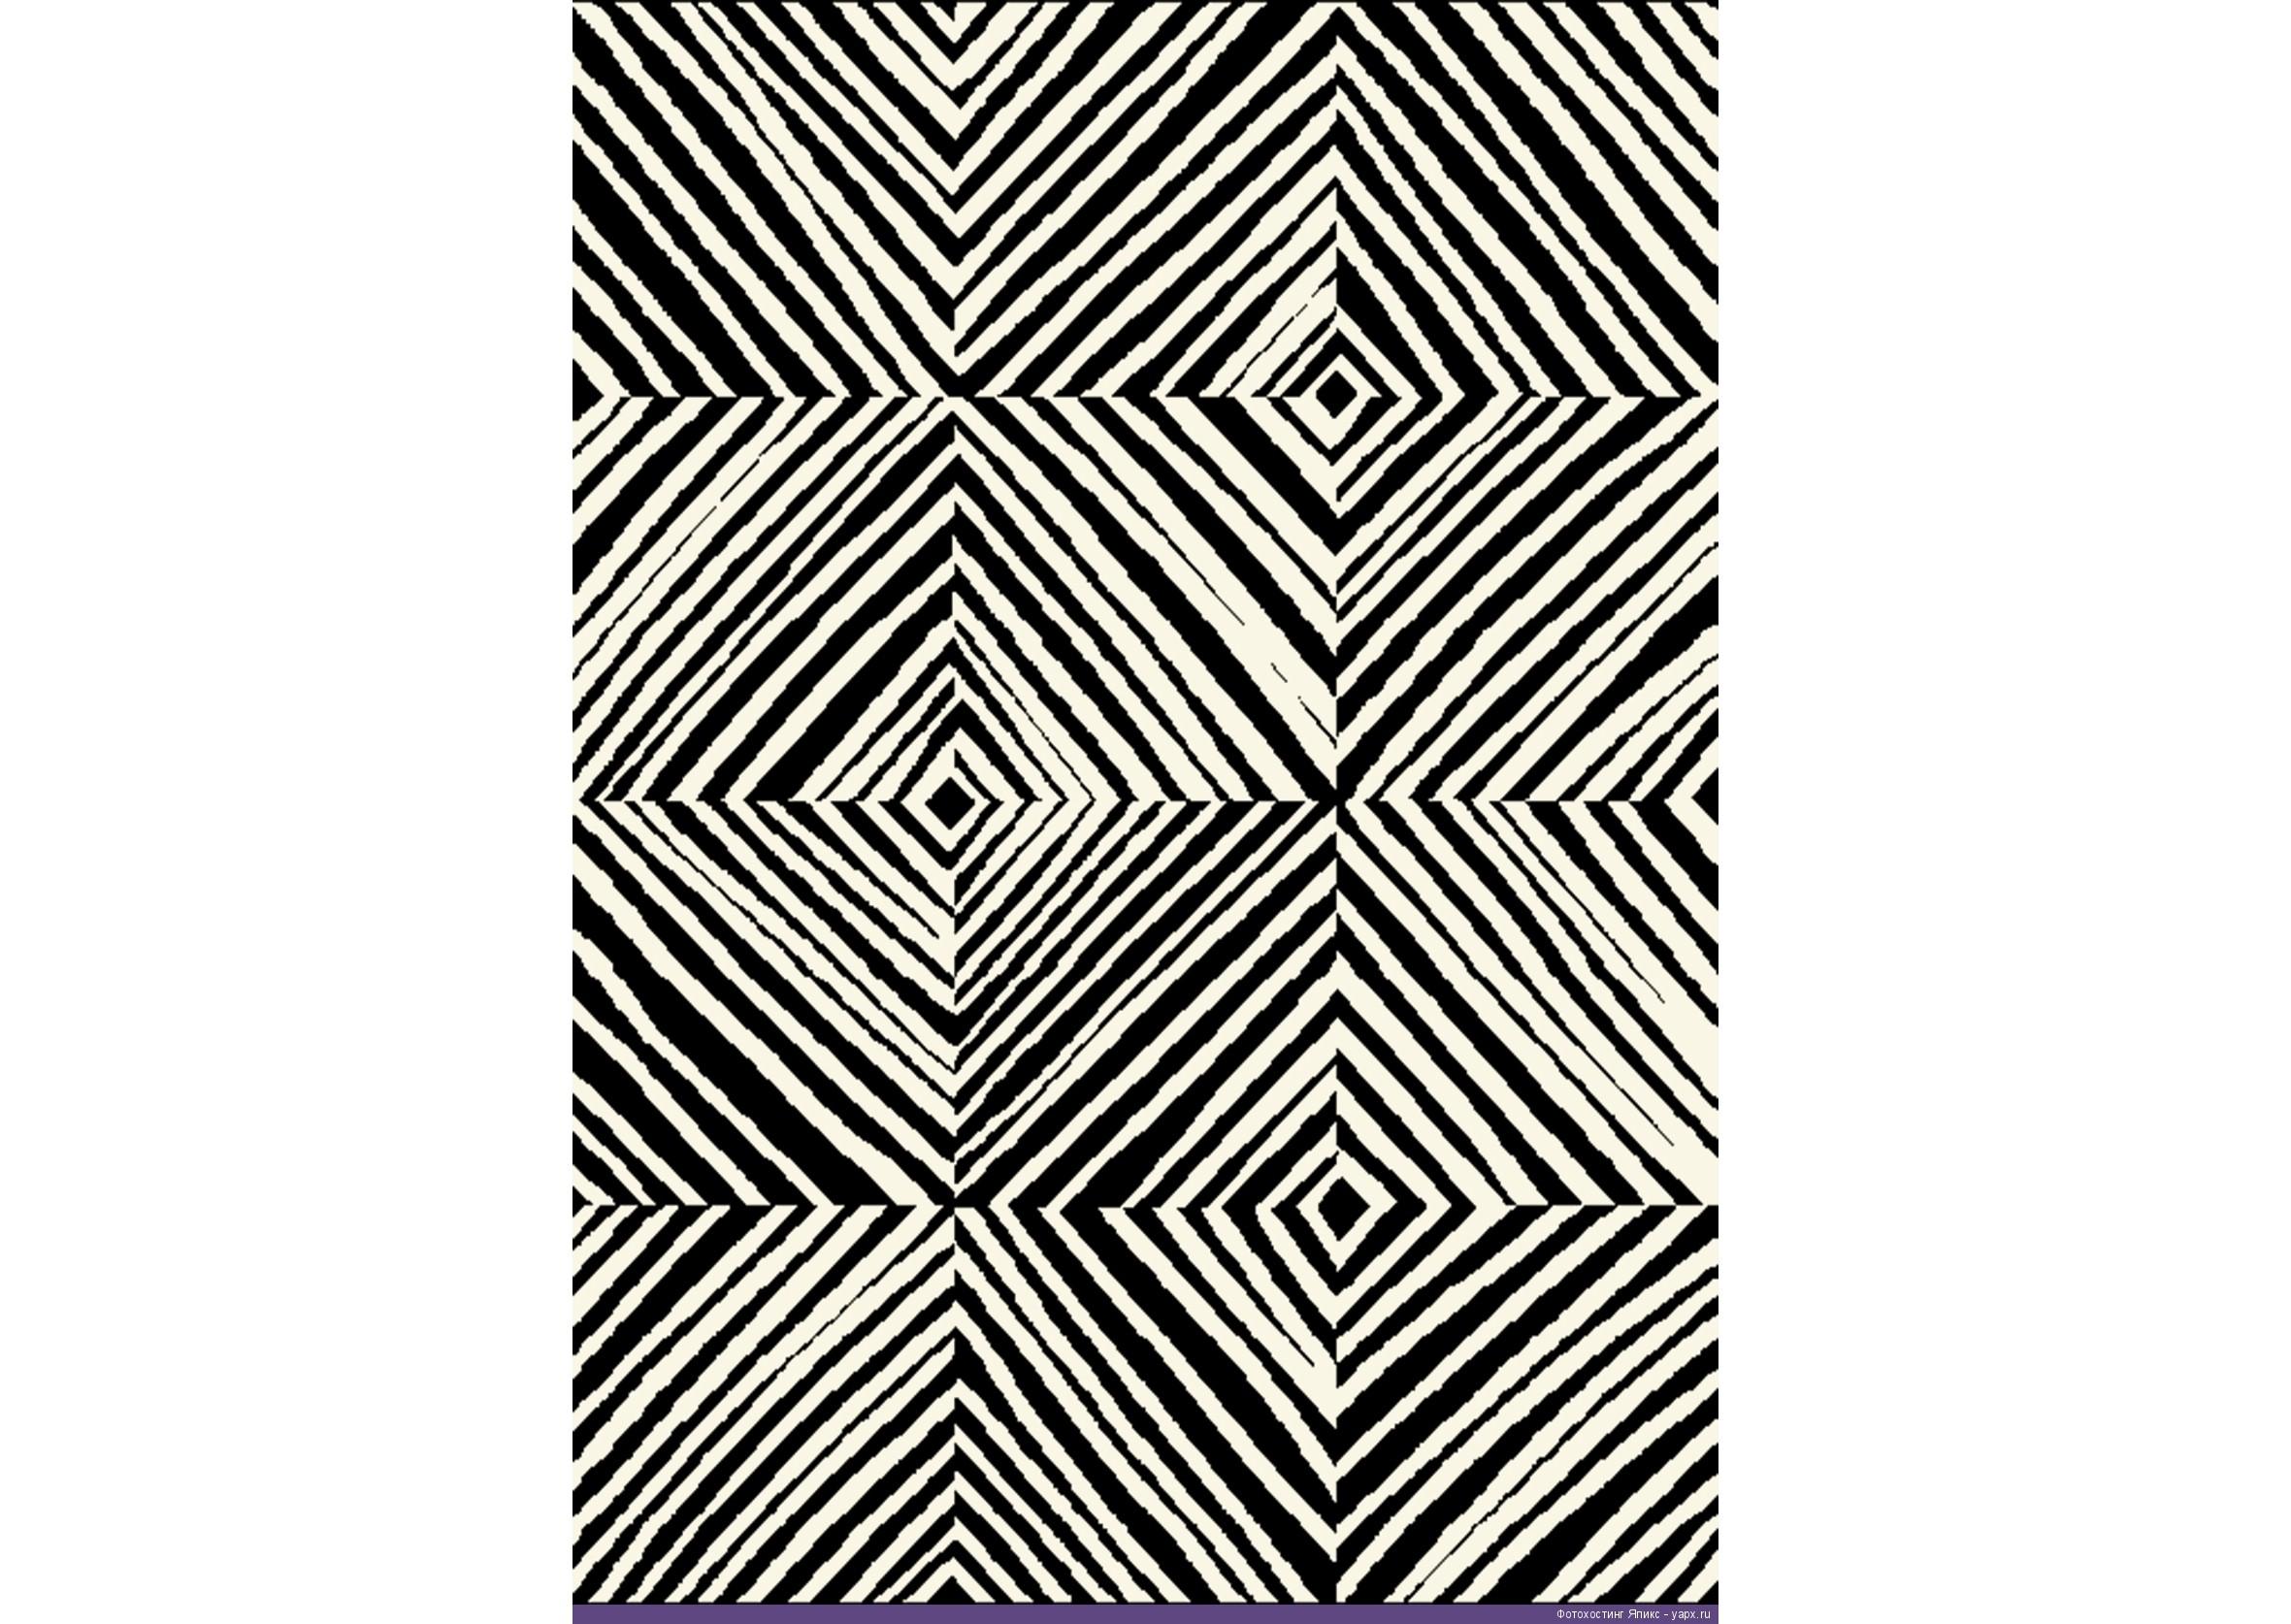 Ковер Flash 150х80Прямоугольные ковры<br>В коллекции Flash всегда новые трендовые дизайны.&amp;lt;div&amp;gt;Материал: 100% Полипропилен.&amp;lt;br&amp;gt;&amp;lt;/div&amp;gt;<br><br>Material: Текстиль<br>Ширина см: 150<br>Глубина см: 80